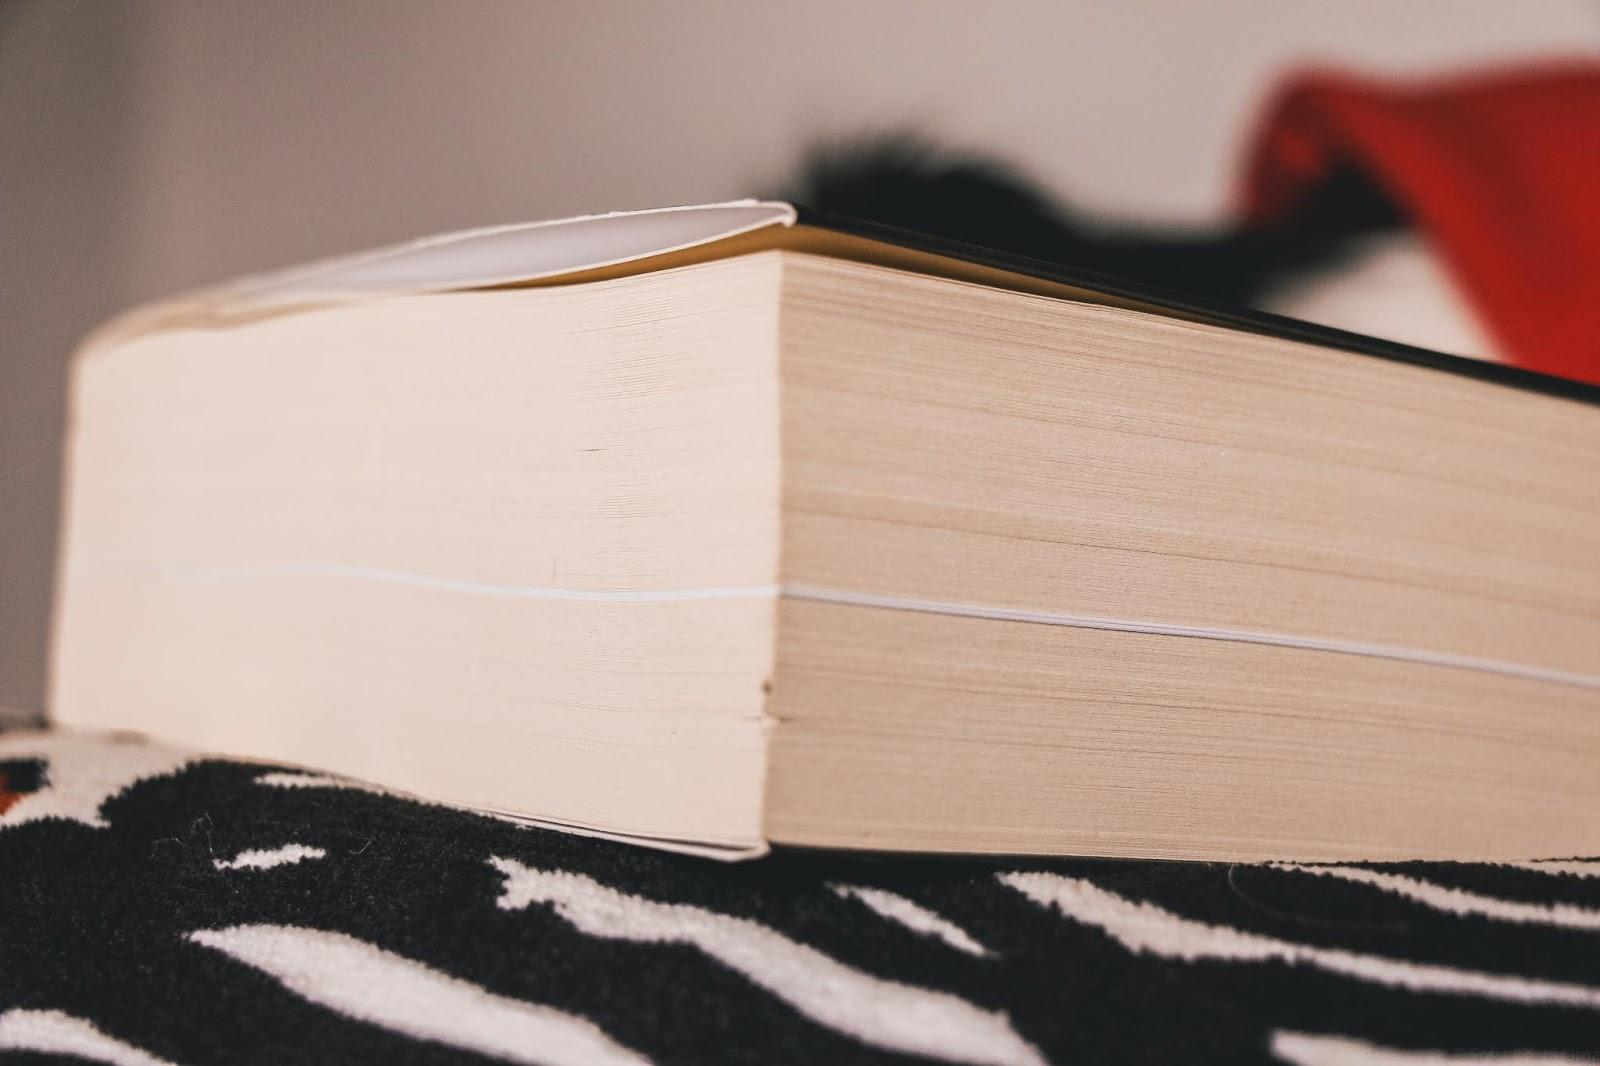 janeiro em livros